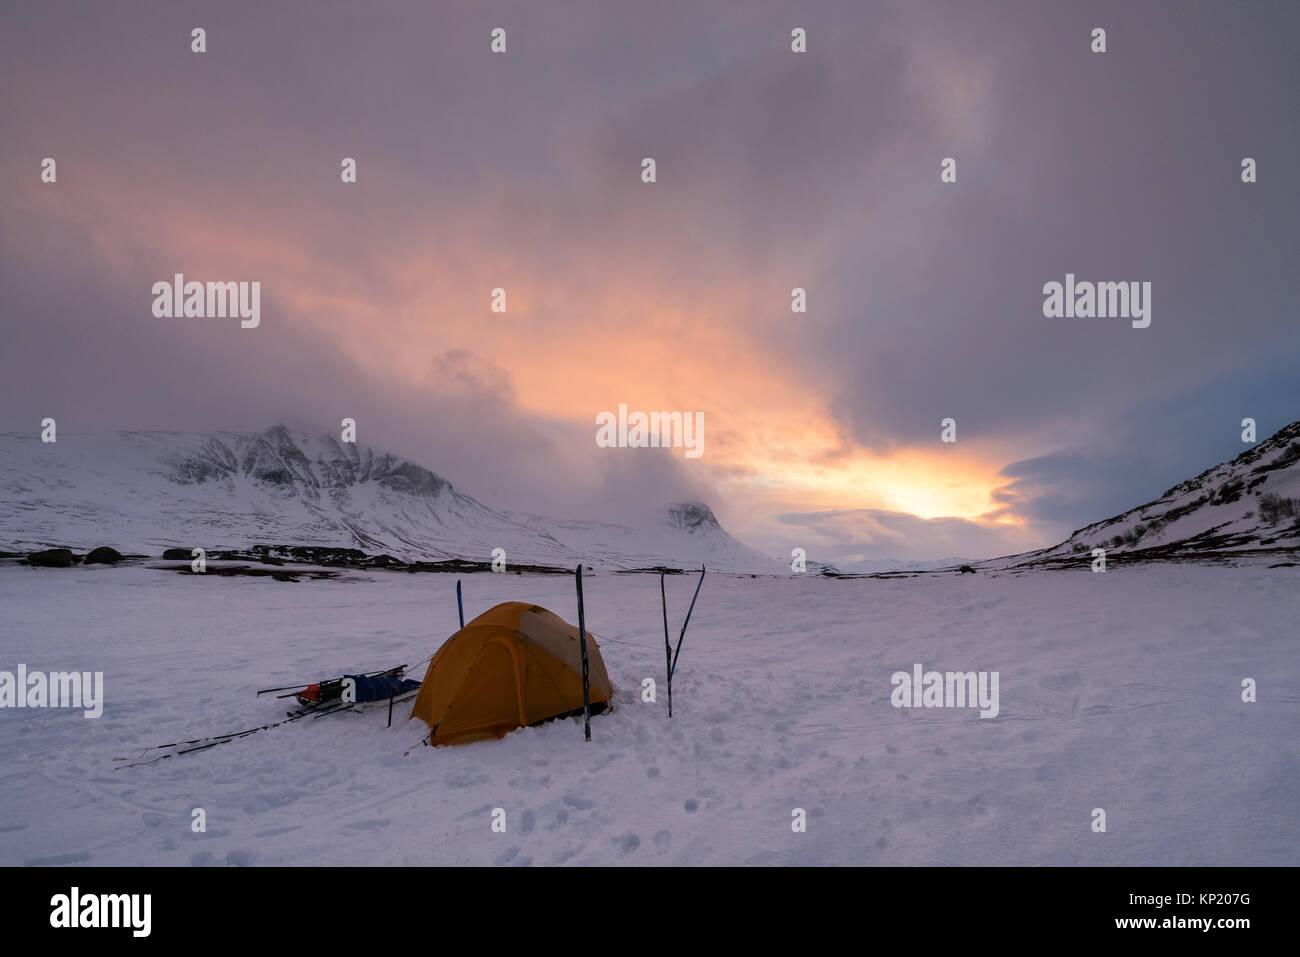 Ski de randonnée en Laponie suédoise, dans la région de montagnes massives Kebnekaise. La Suède, Photo Stock